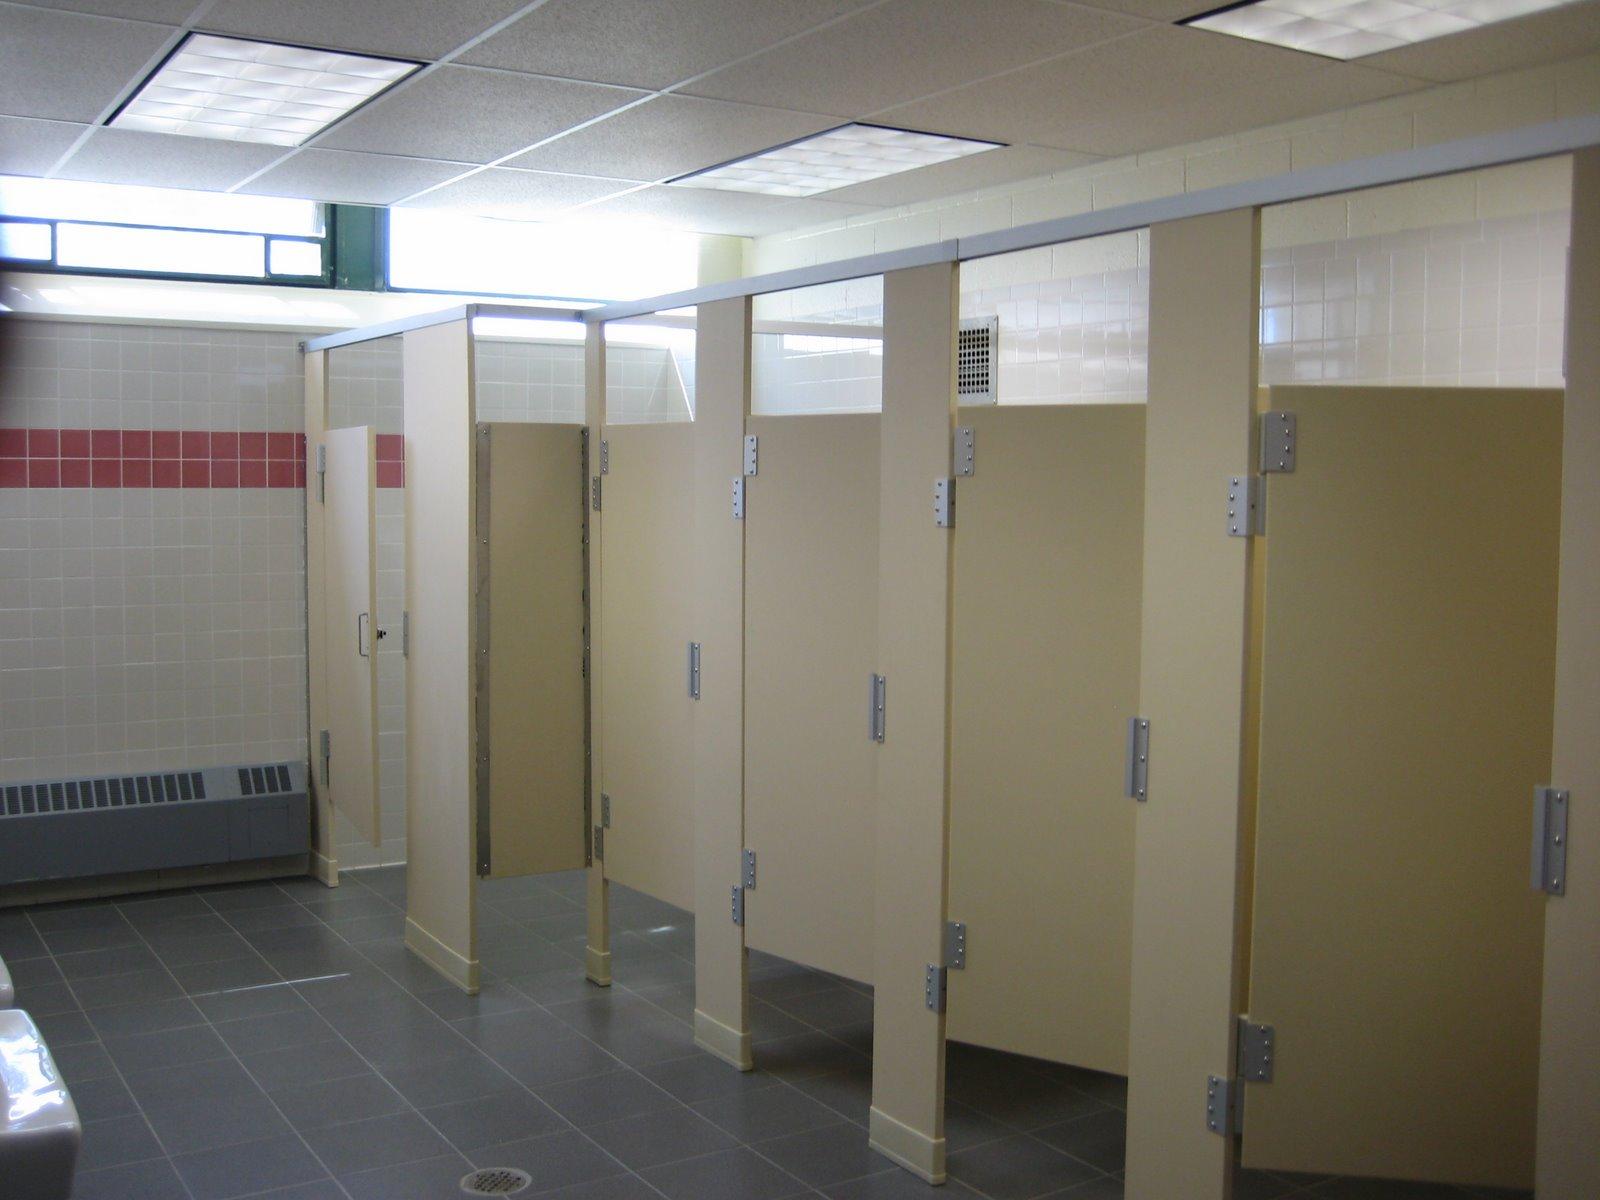 School Bathroom Stall Door | www.imgkid.com - The Image ...